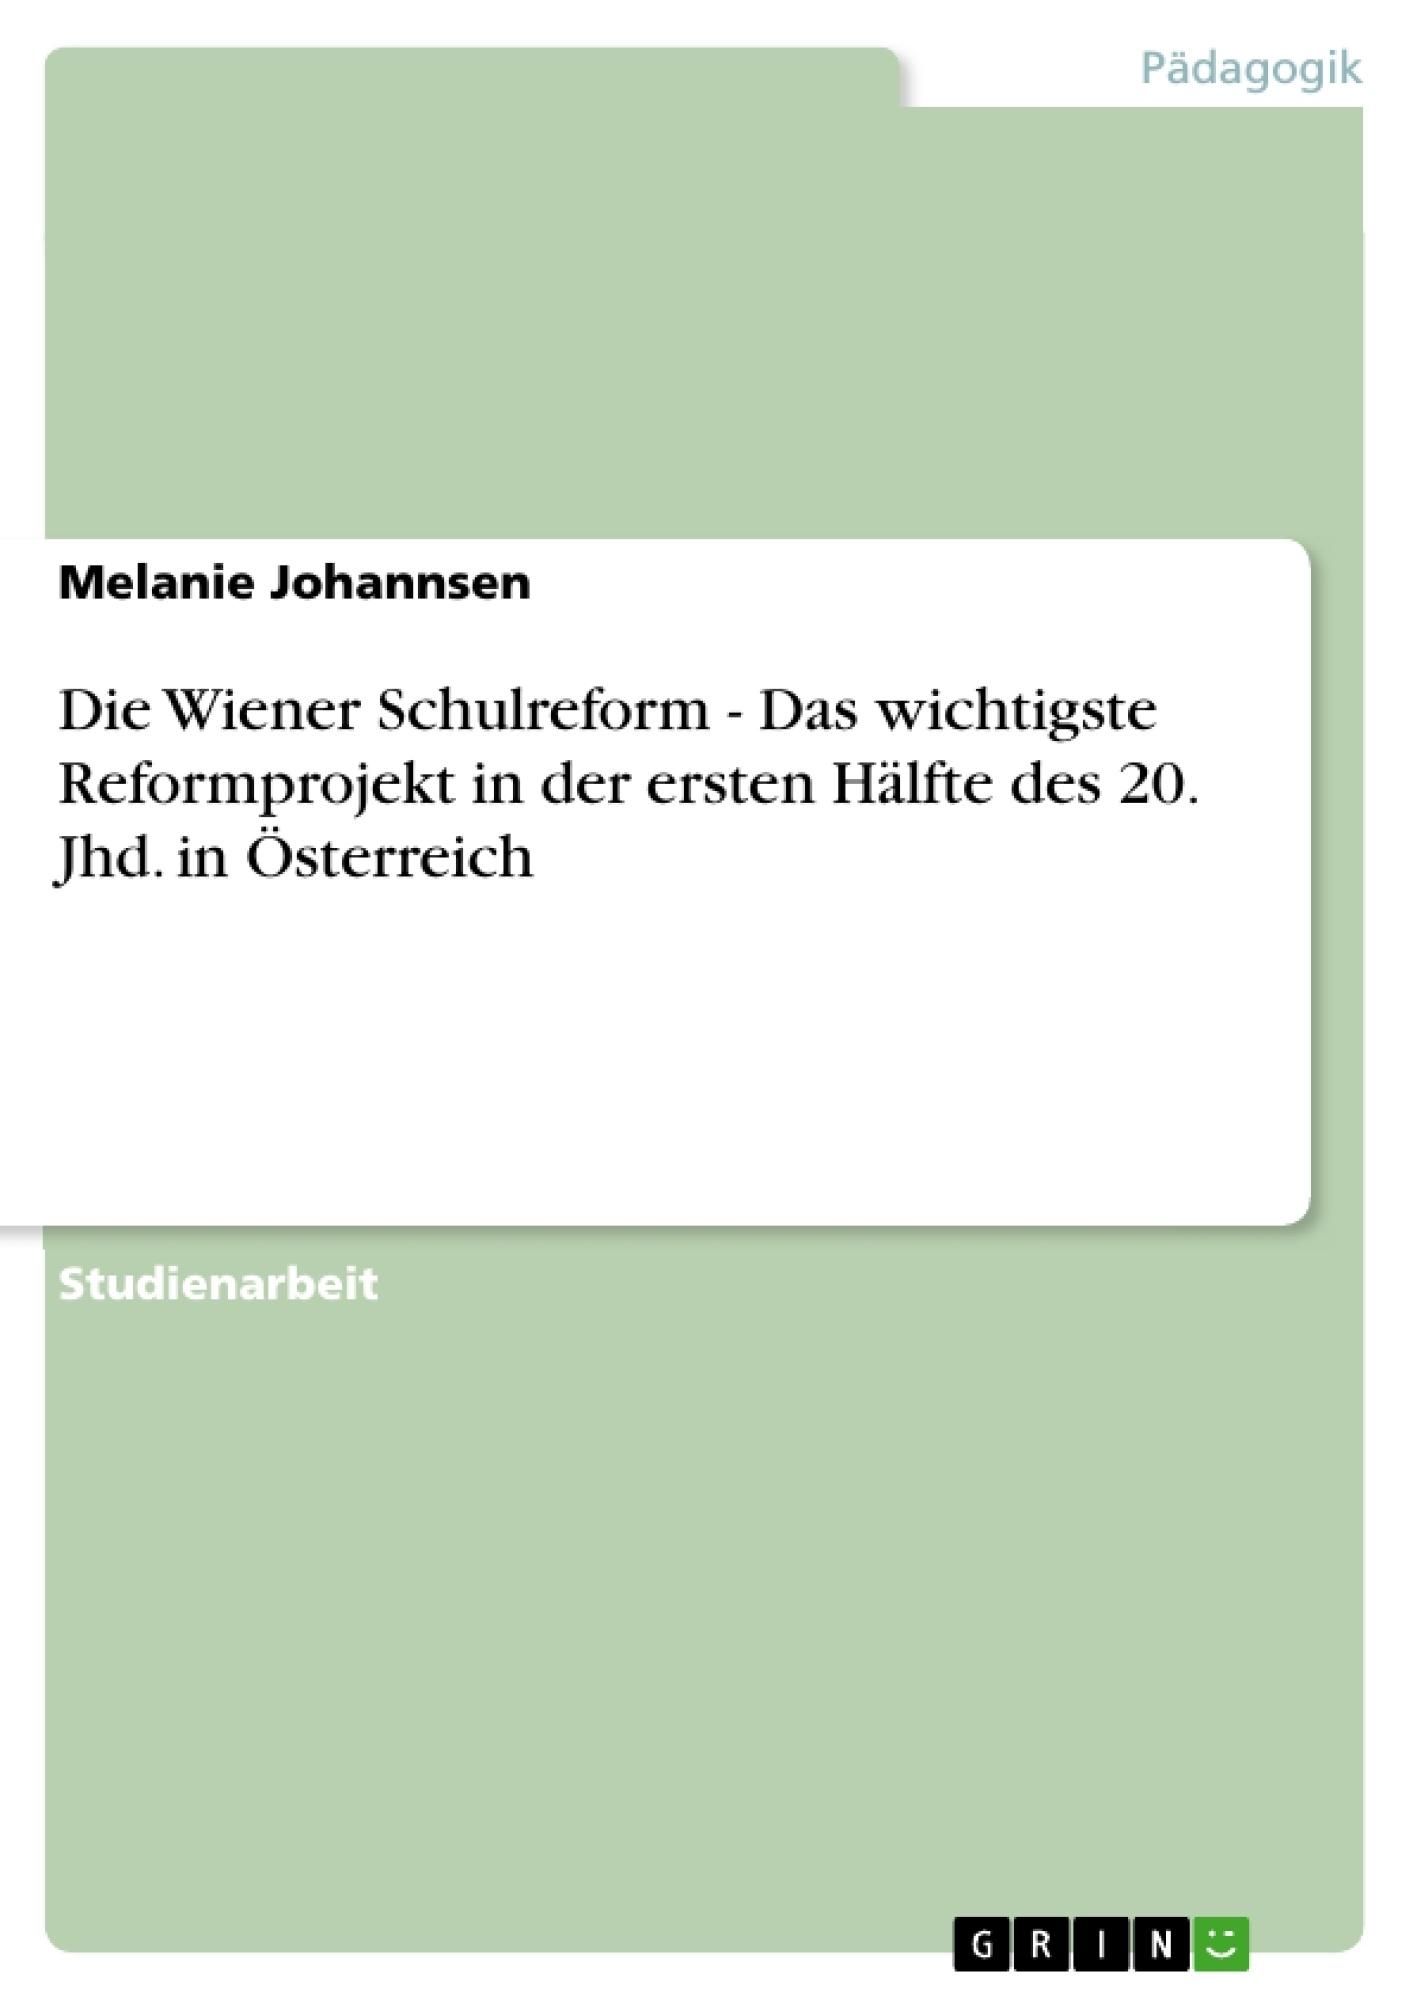 Titel: Die Wiener Schulreform - Das wichtigste Reformprojekt in der ersten Hälfte des 20. Jhd. in Österreich